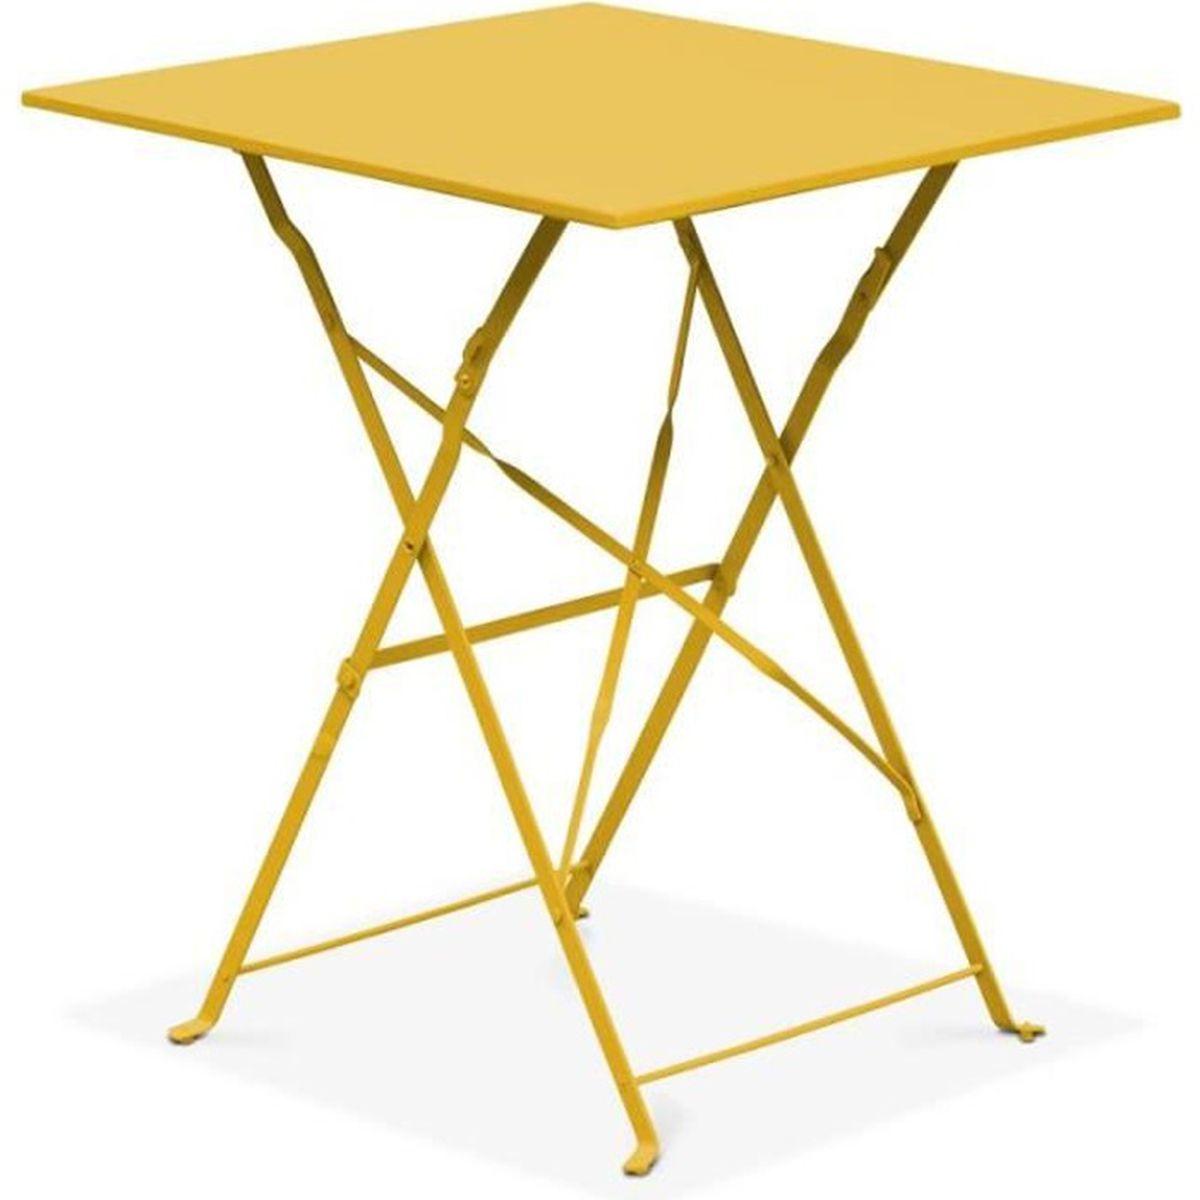 Table de jardin pliante bistrot Jaune - Achat / Vente table ...